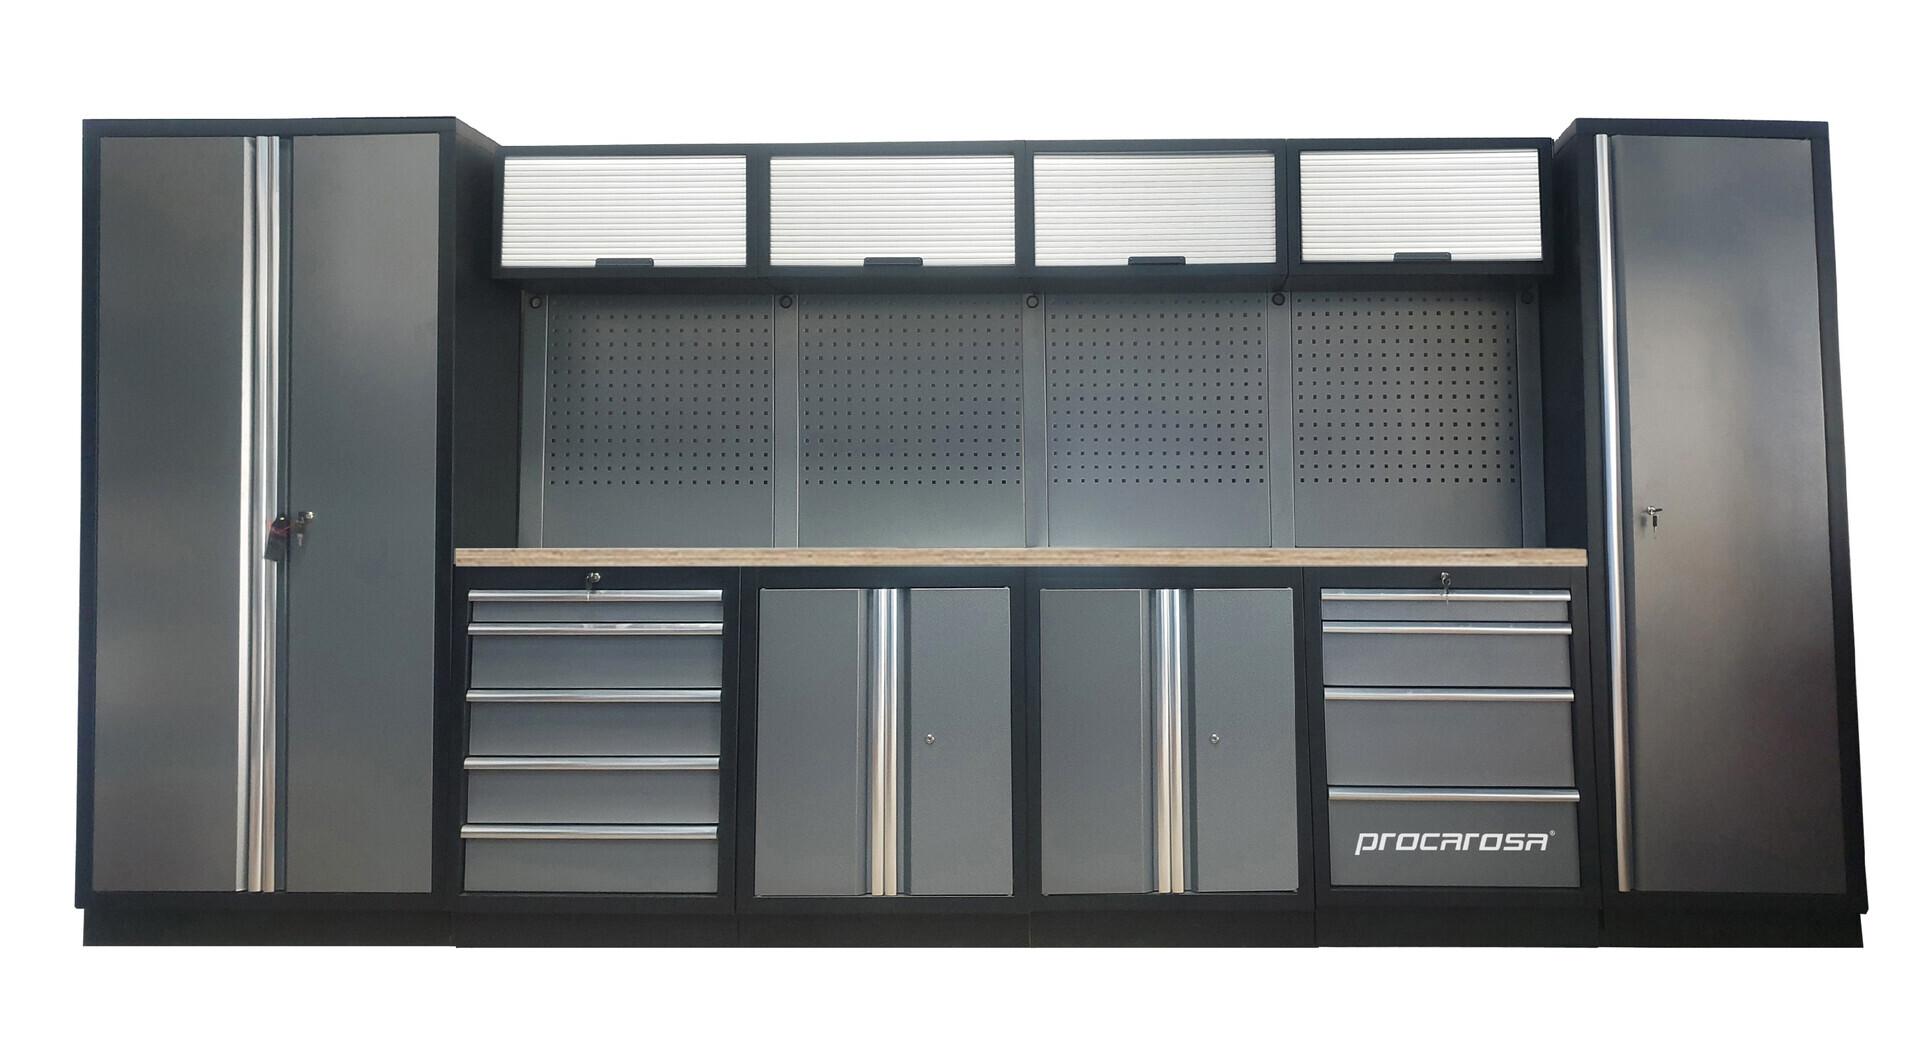 Sestava dílenského nábytku Procarosa PROFESSIONAL XL-1 Pracovní deska: dřevěná, Hmotnost: